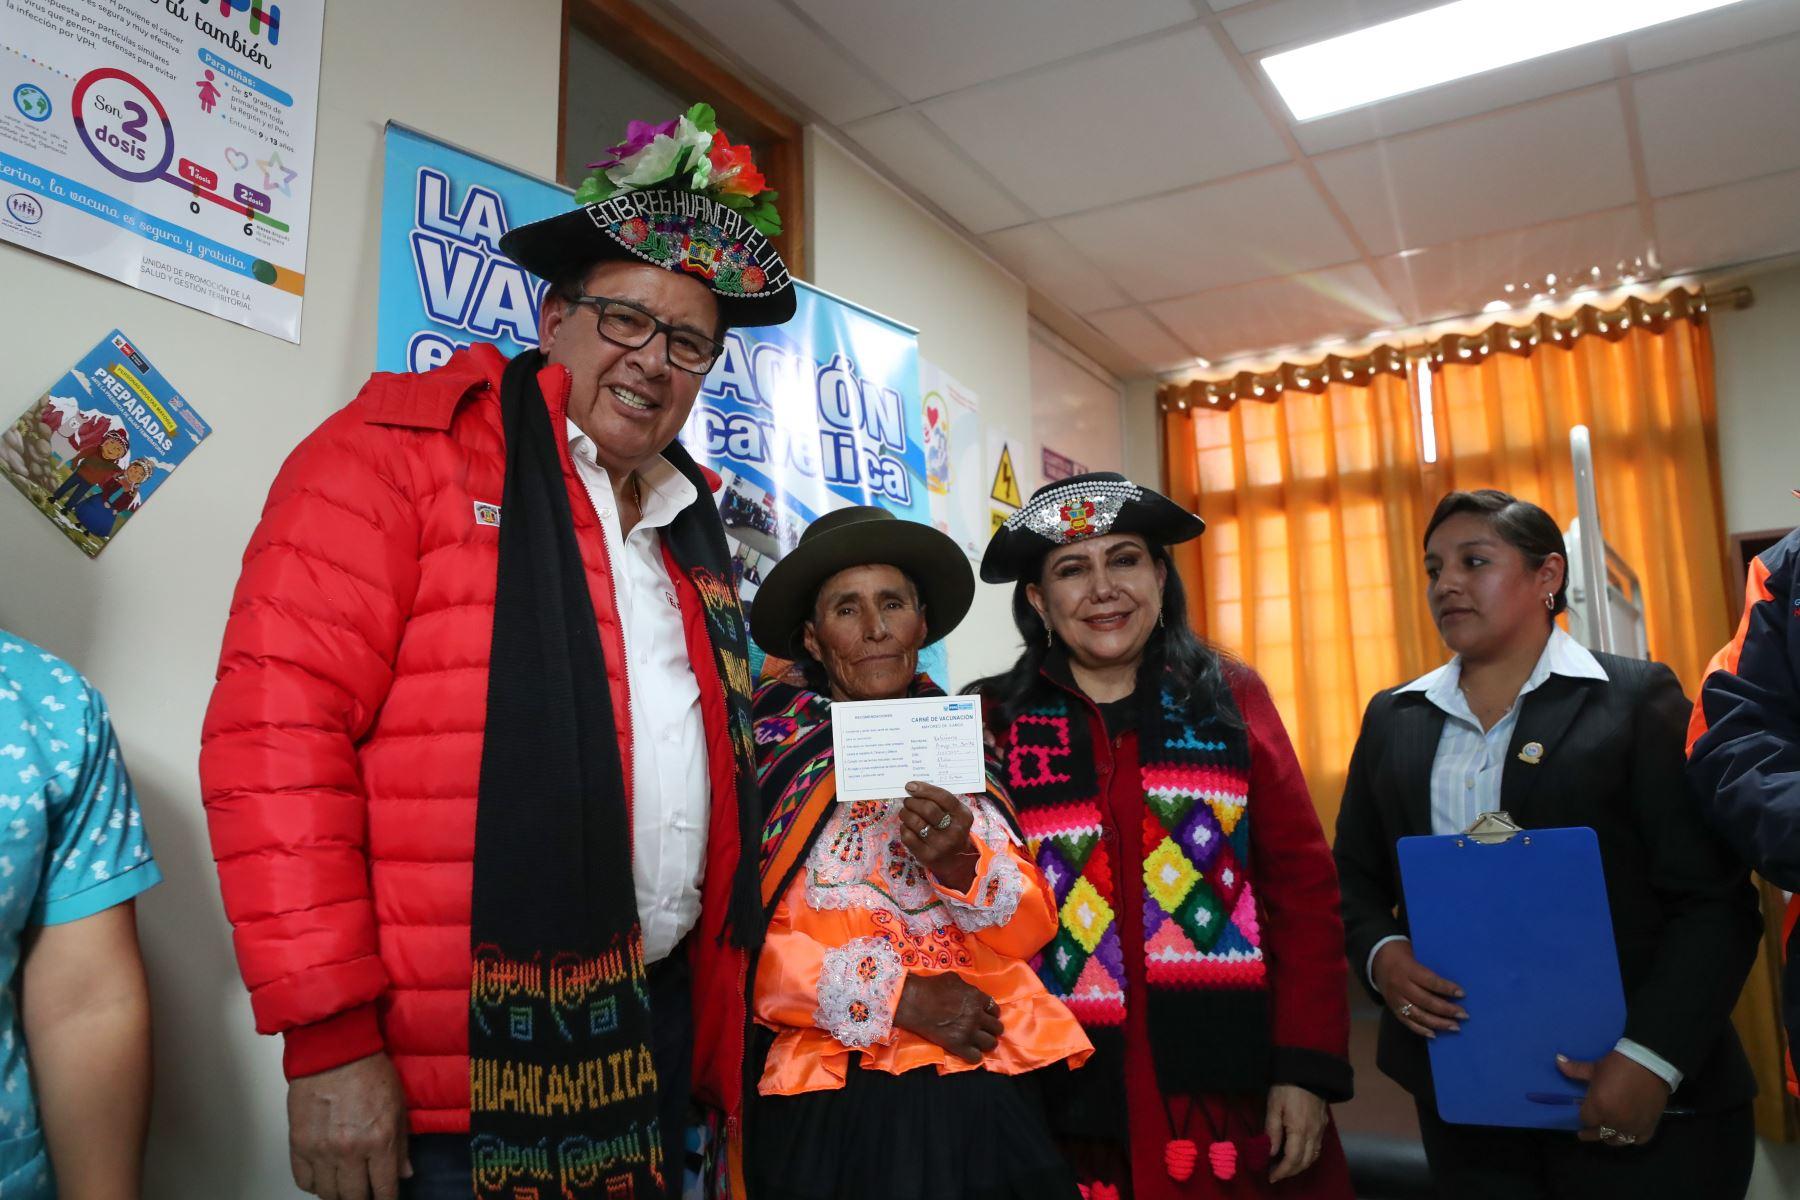 Ministro de Defensa José Huerta y la Ministra de la Mujer Gloria Montenegro dan inicio al  lanzamiento del Plan Multisectorial ante Heladas y Friaje 2019 en el centro poblado de Vista Alegre en Huancavelica. Foto: ANDINA/ MINDEF